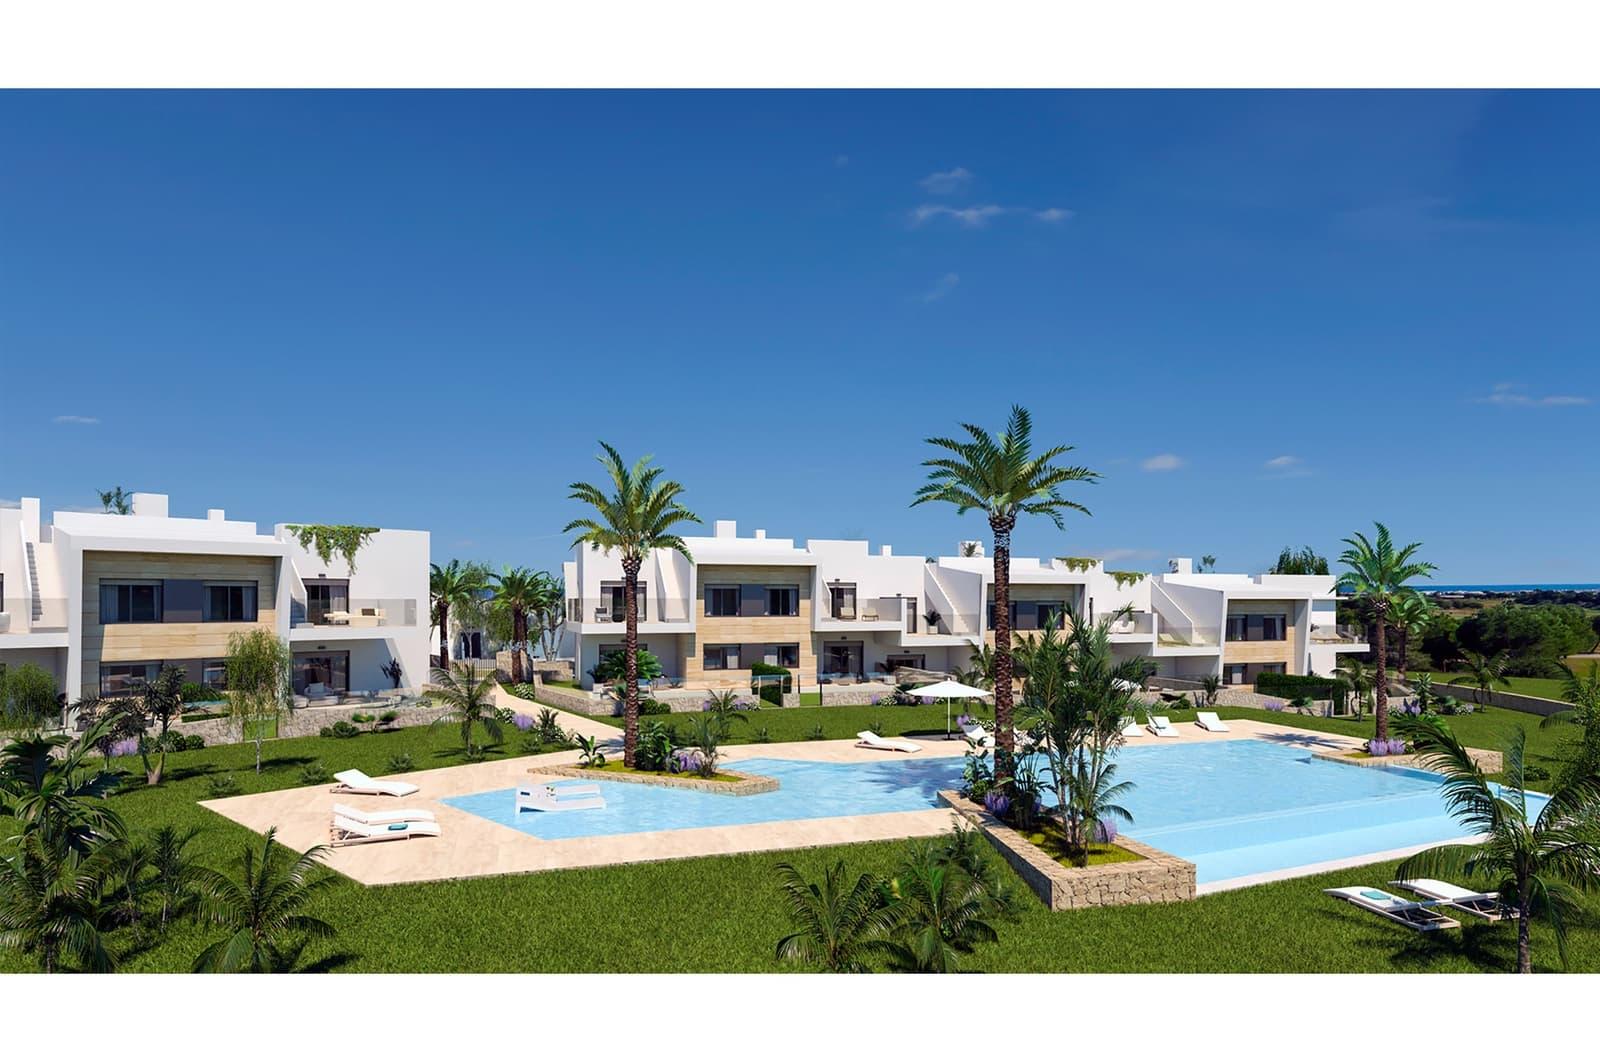 Ático de 2 habitaciones en Pilar de la Horadada en venta con piscina - 189.000 € (Ref: 5038700)